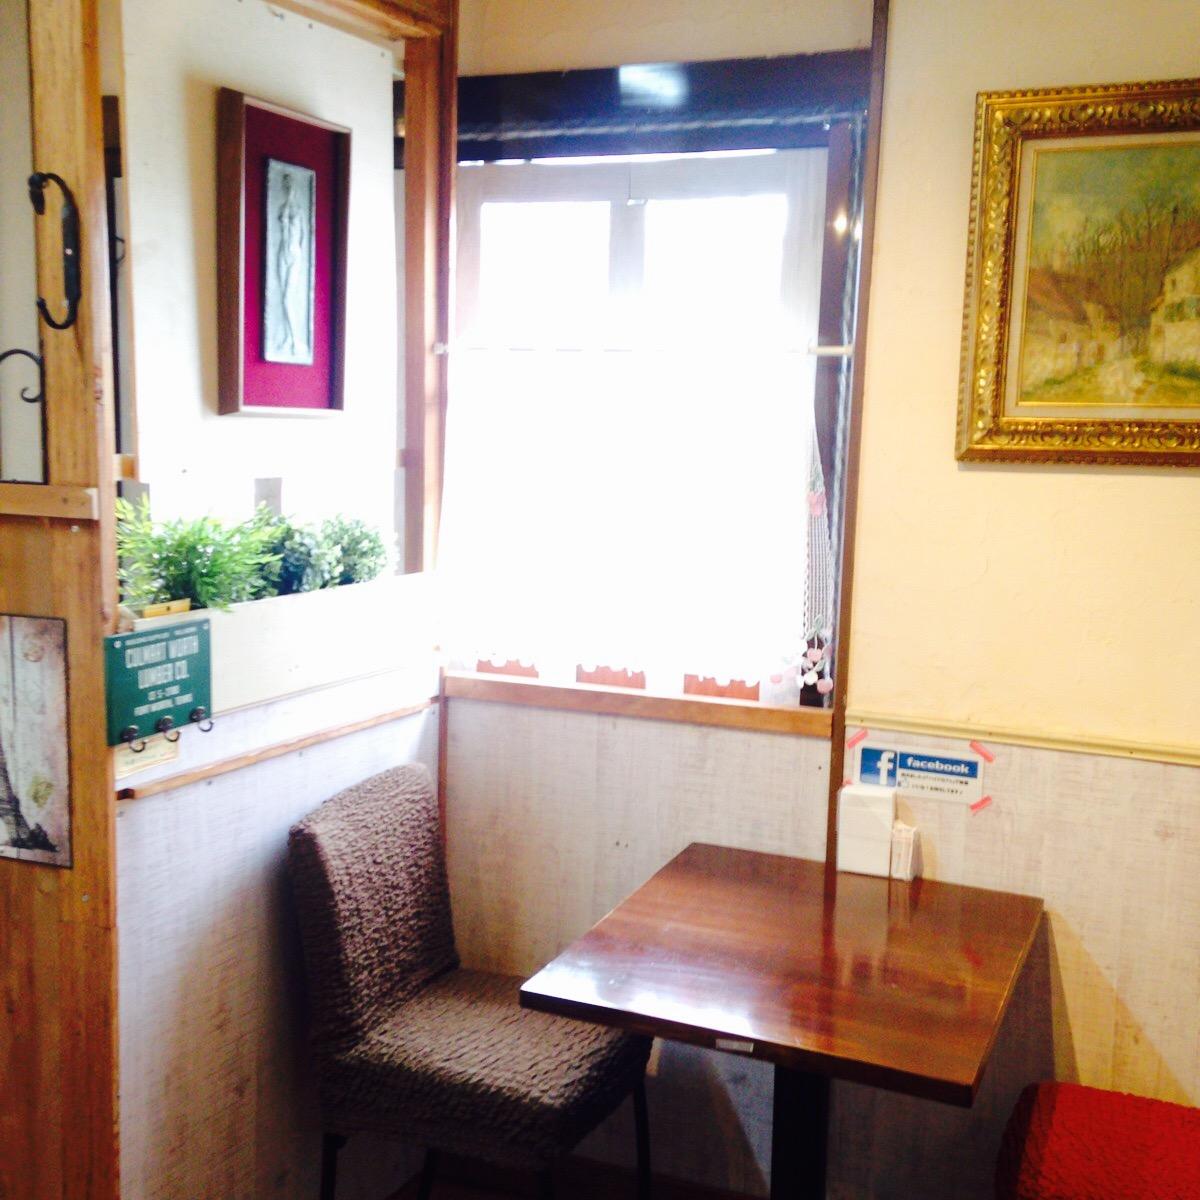 おとぎ話にでてきそうな佇まいの隠れ家カフェ『HEIDI CAFE(ハイジカフェ)』(千葉県白井市)